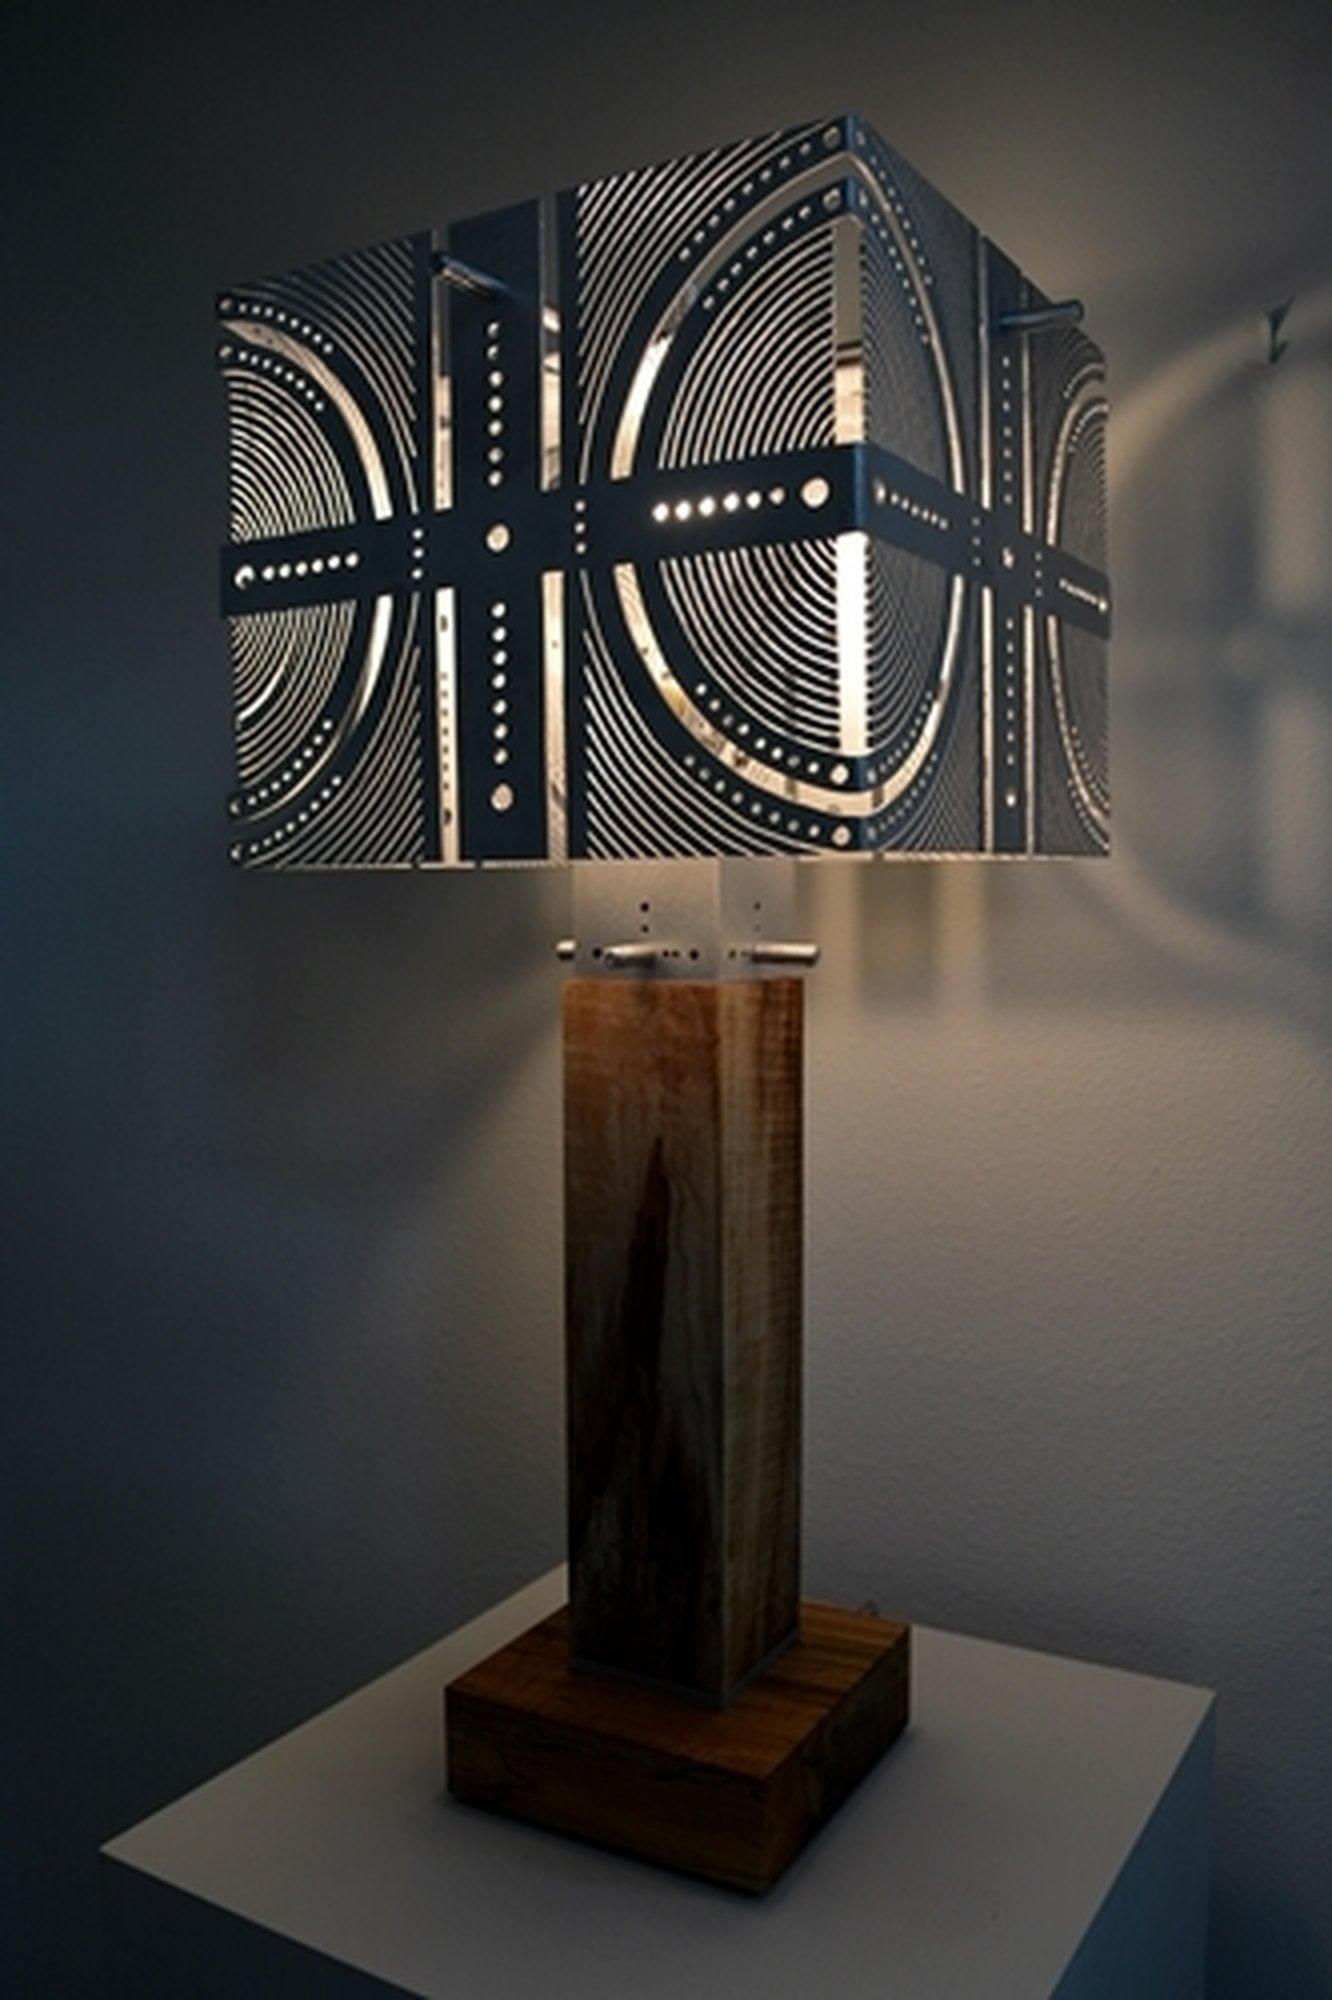 Deco 2 lamp